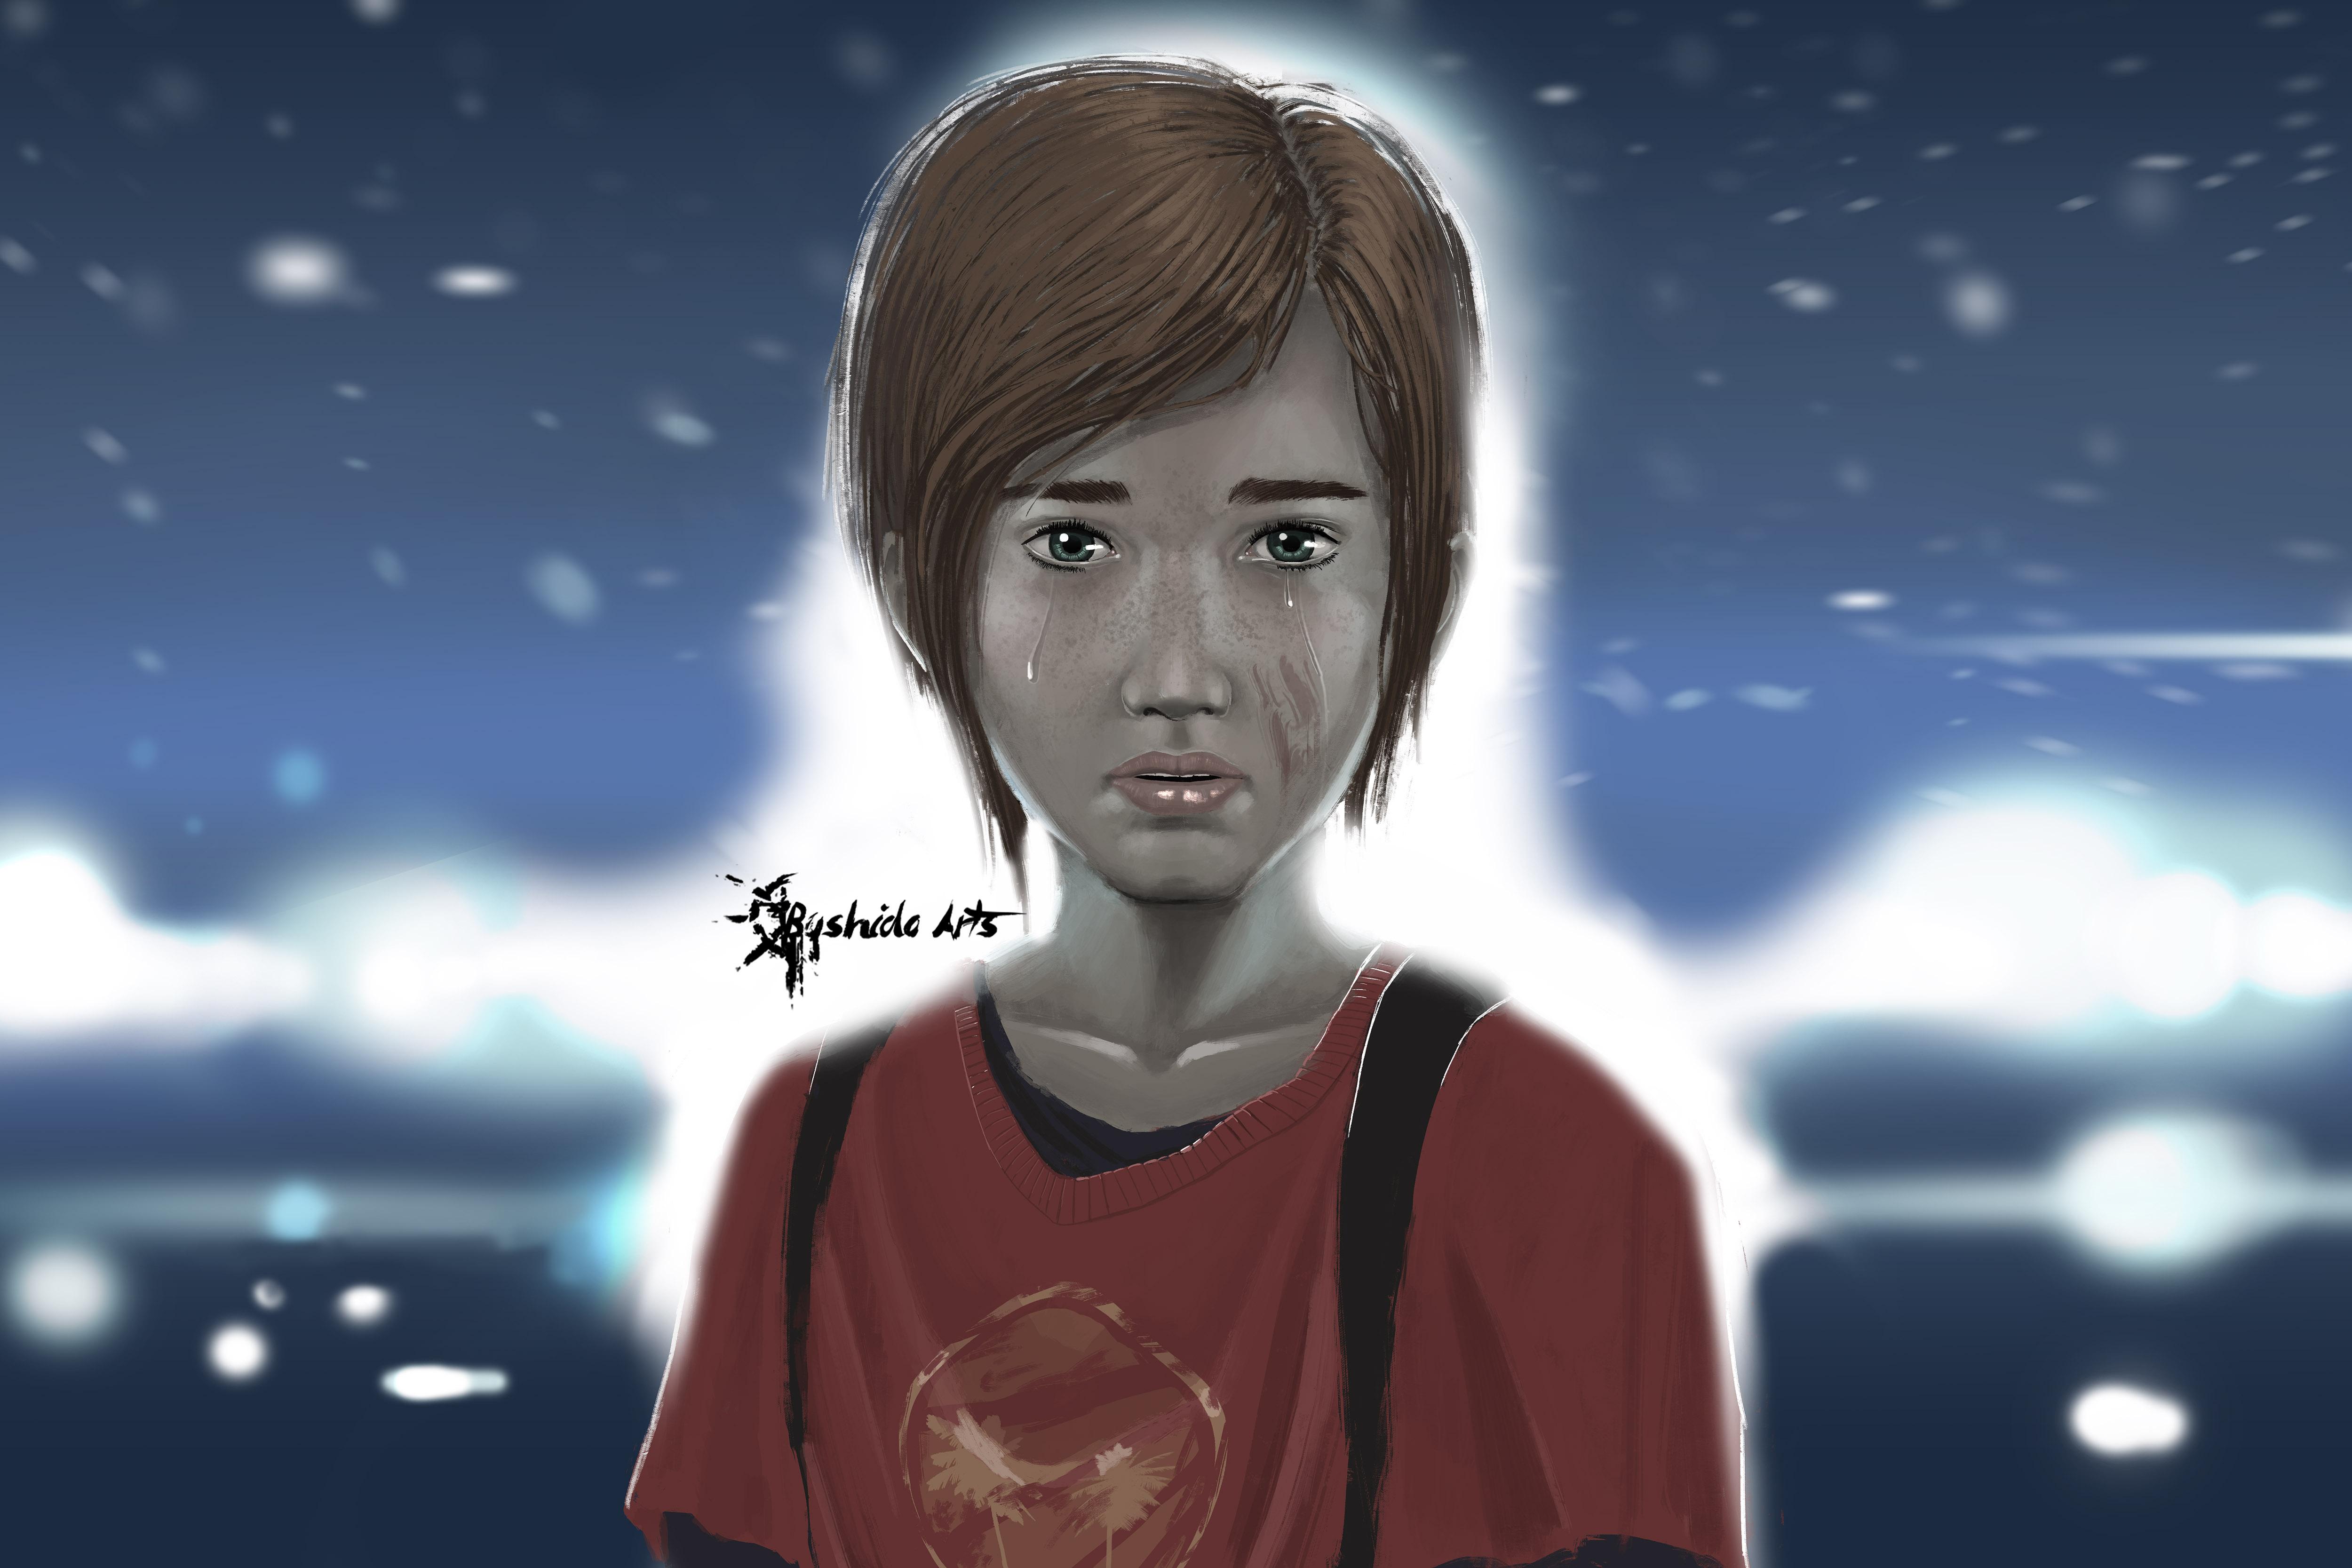 Ellie Fan Art